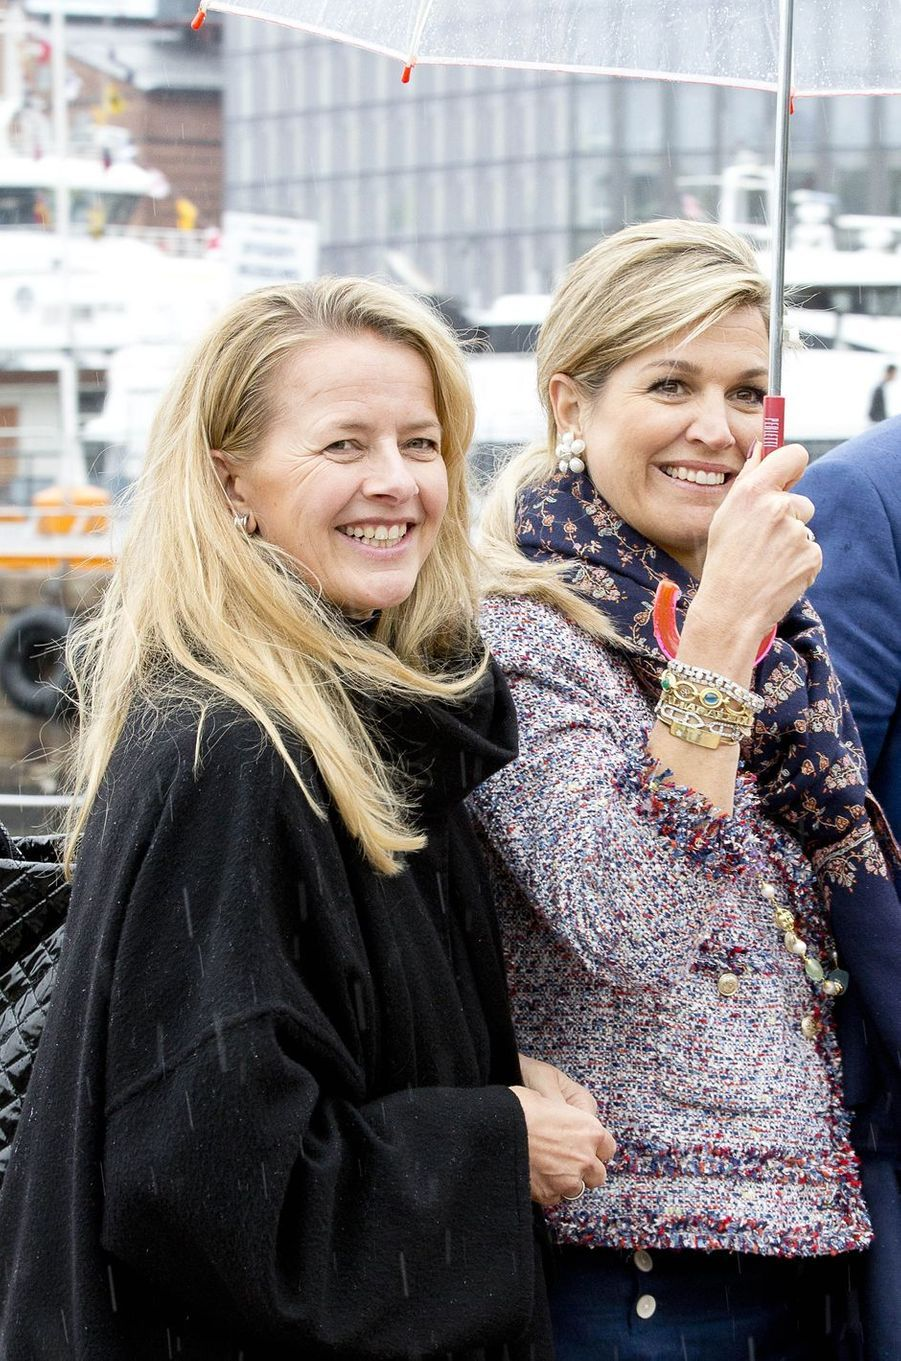 La princesse Mabel et la reine Maxima des Pays-Bas à Oslo, le 10 mai 2017